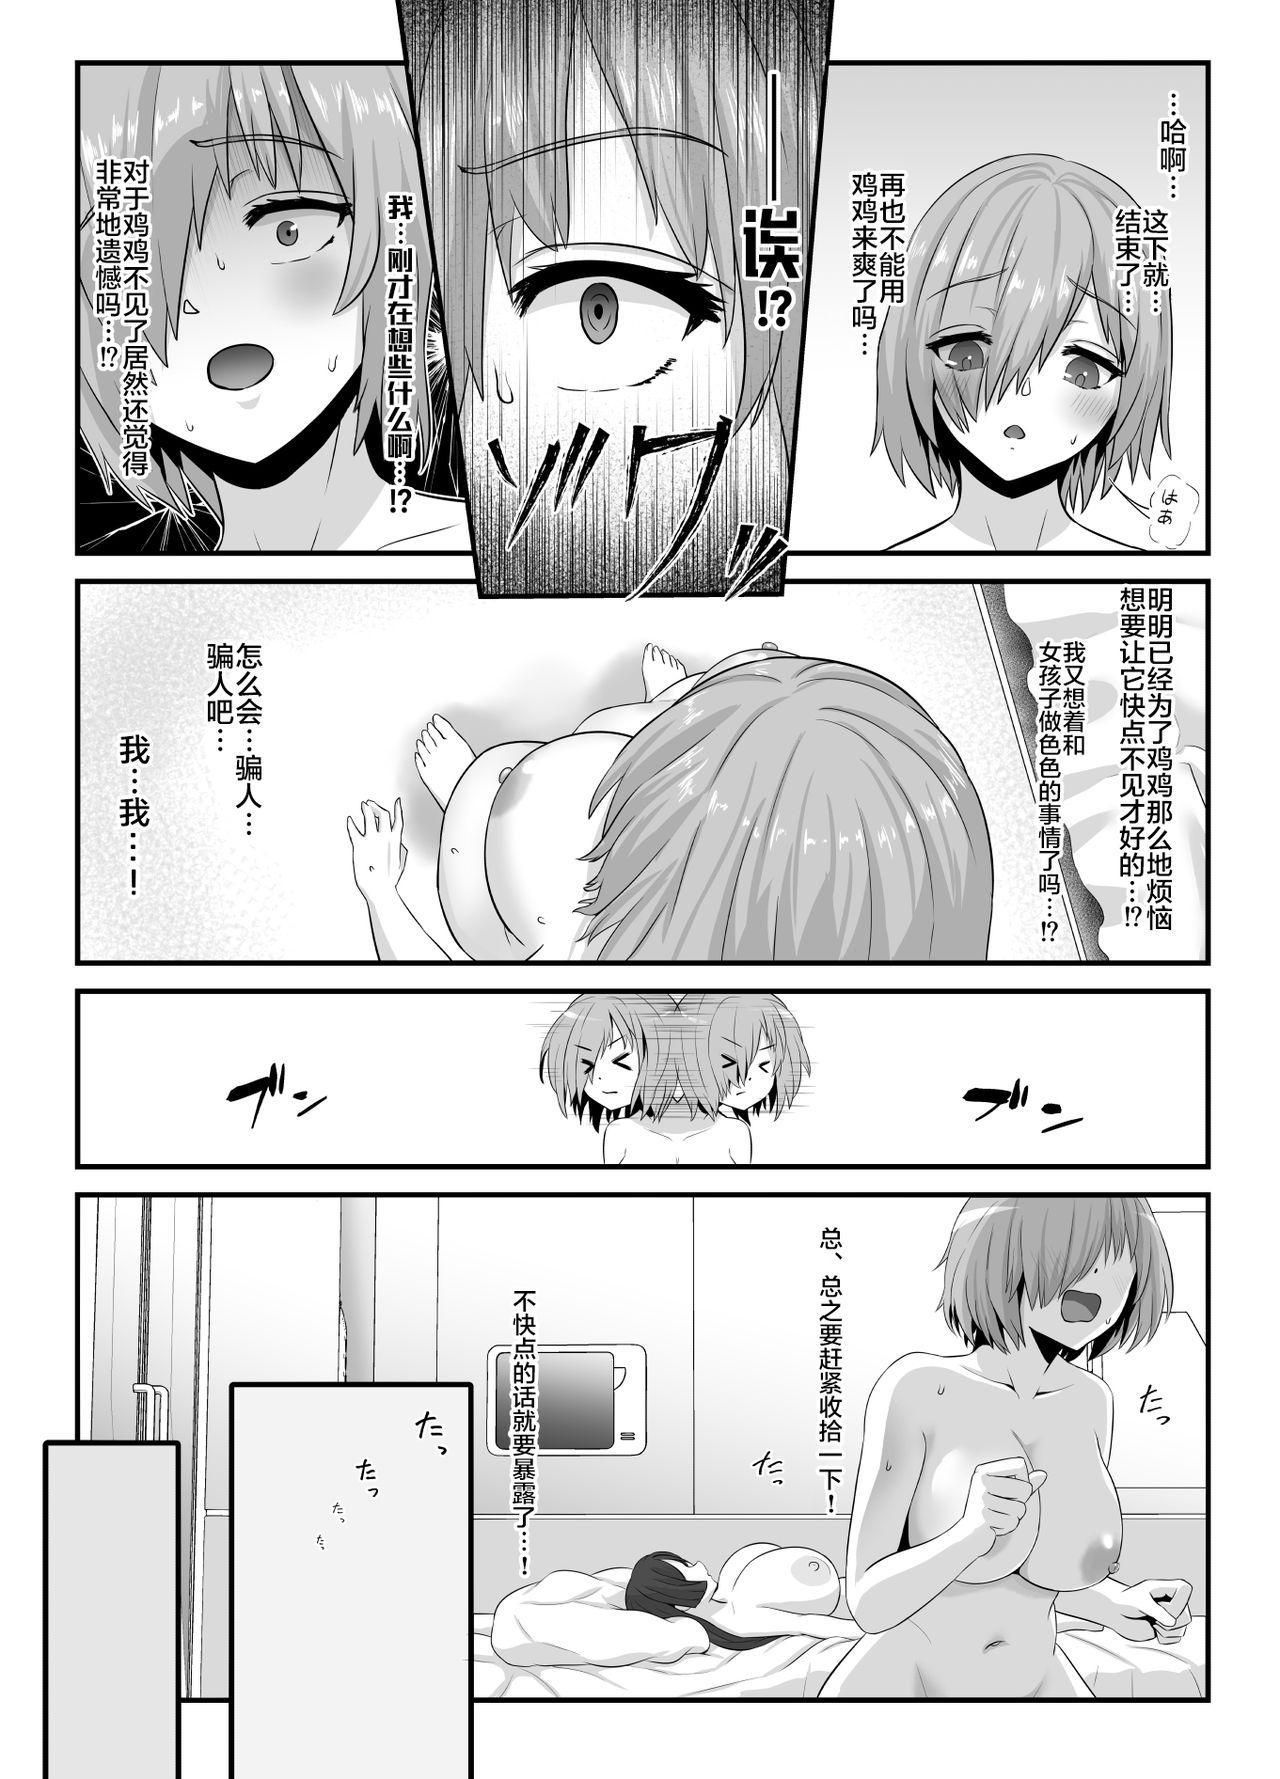 [Sadalsuud (Hoshiaka)] Seijun datta Hazu no Mashu wa Futanari no Yuuwaku ni Ochiru Dai-4-wa (Fate/Grand Order) [Chinese] [不咕鸟汉化组] 41